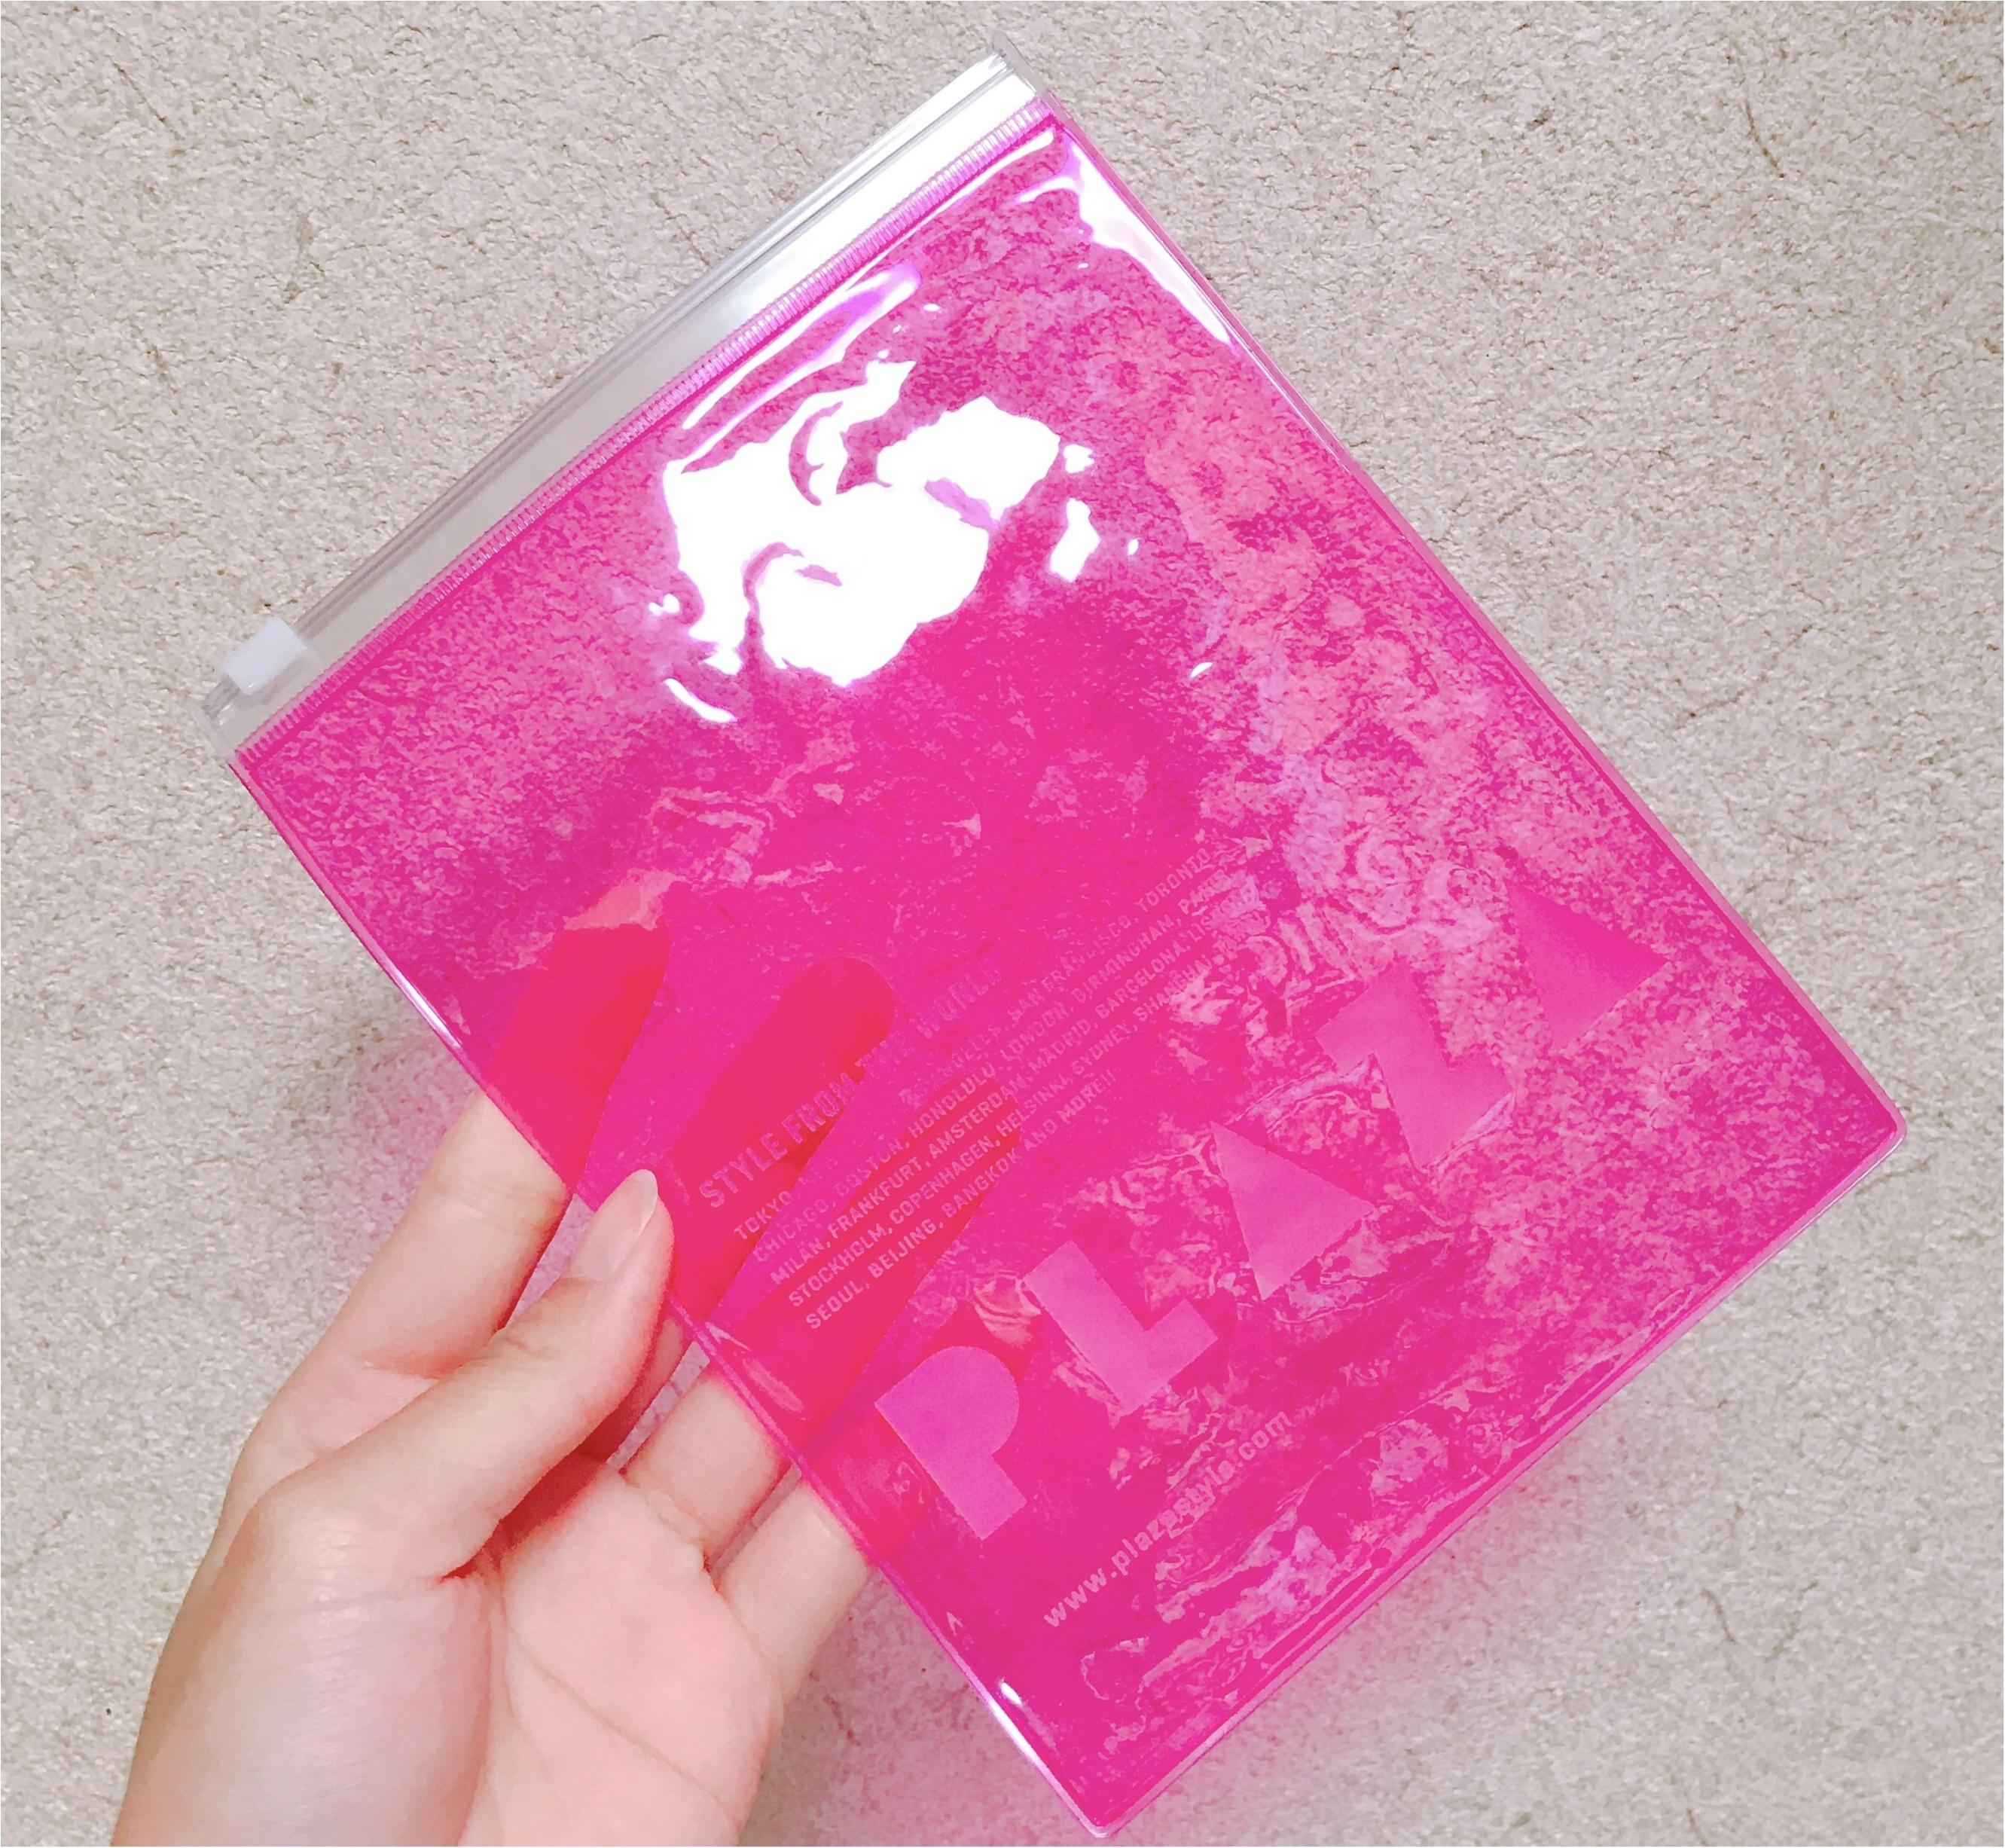 《JUST PINK IT!》この春は『ピンク』に囲まれたい♪【PLAZA】のピンク特集で限定の〇〇〇をGET♡_7